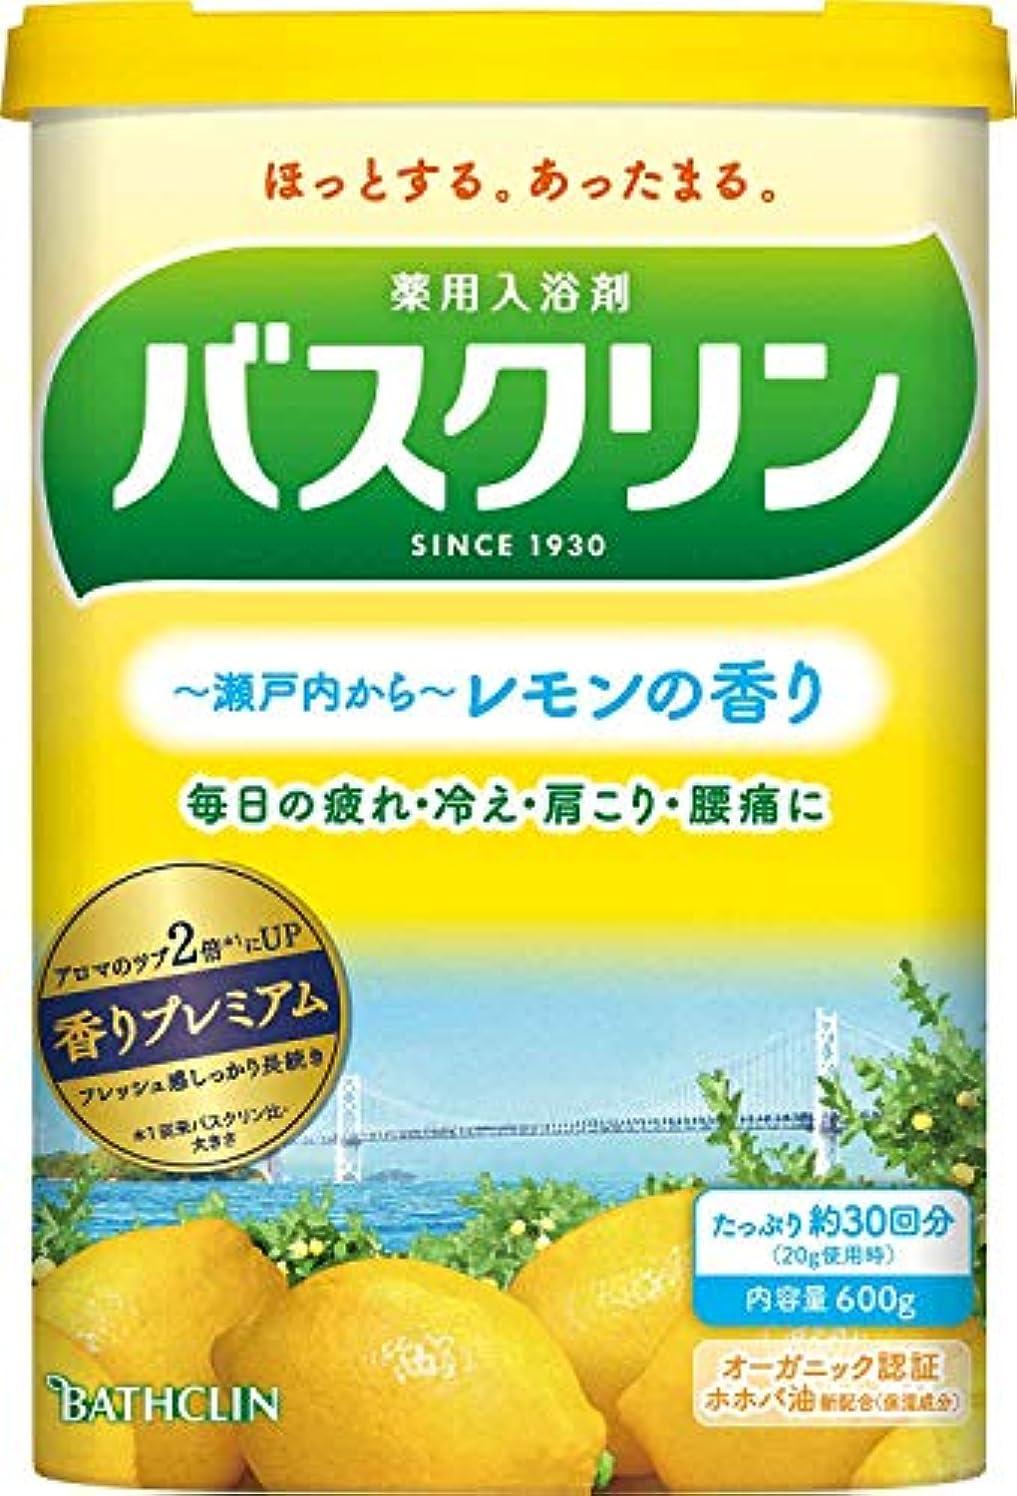 広告主崇拝するキャプチャー【医薬部外品】バスクリン入浴剤 レモンの香り600g(約30回分) 疲労回復